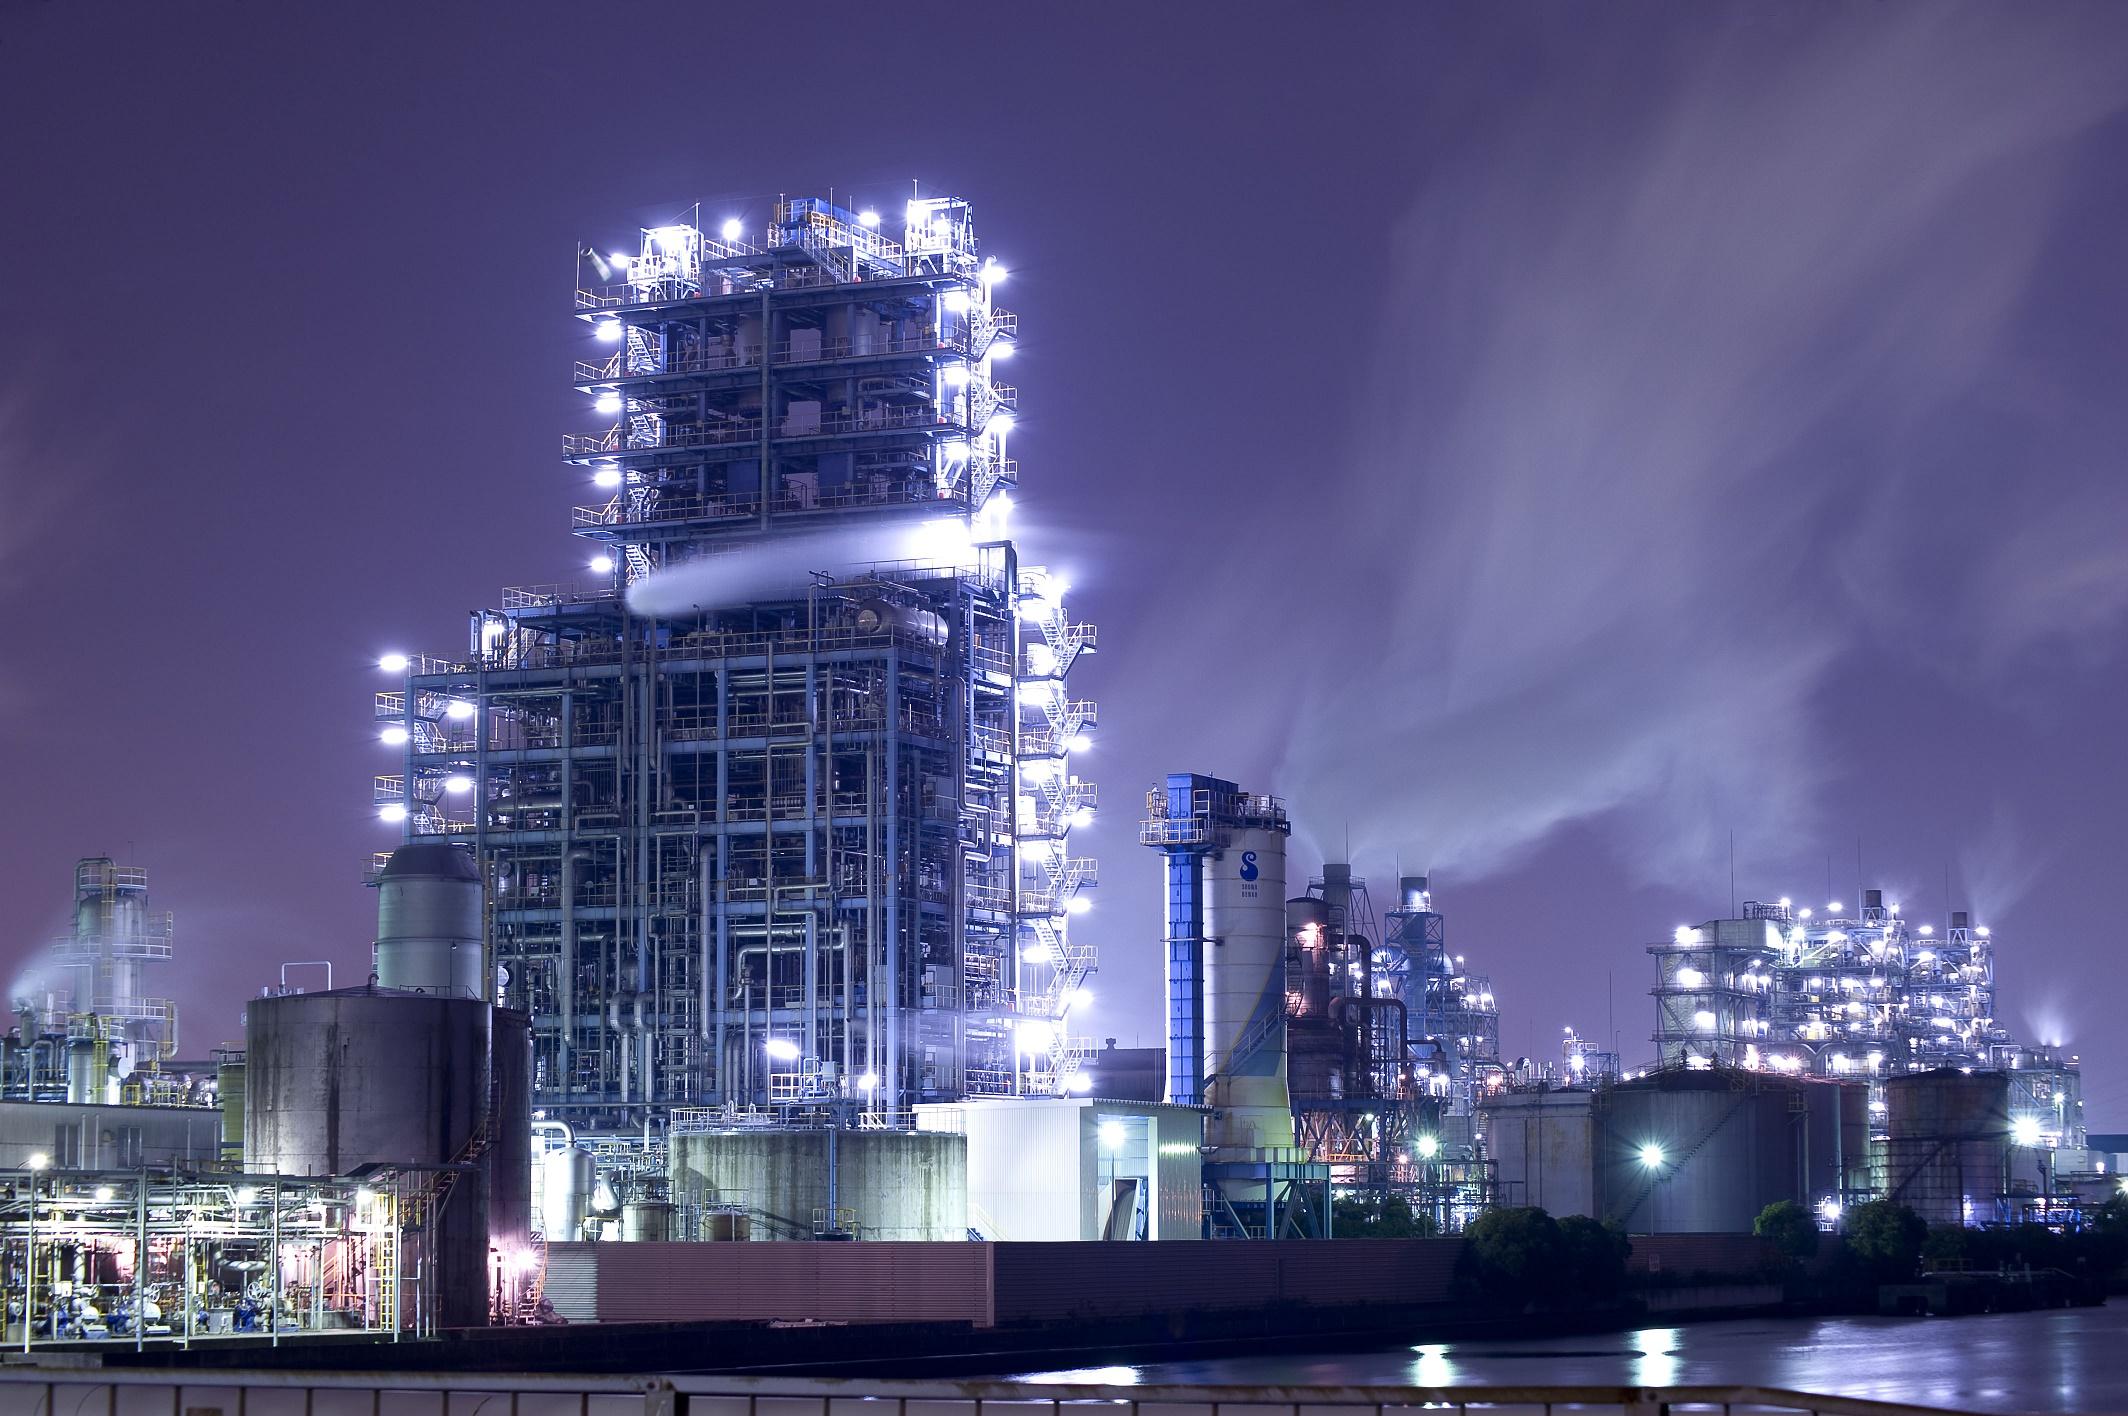 神奈川夜景 乘坐屋形船 欣赏川崎工业区工场夜景 Kkday